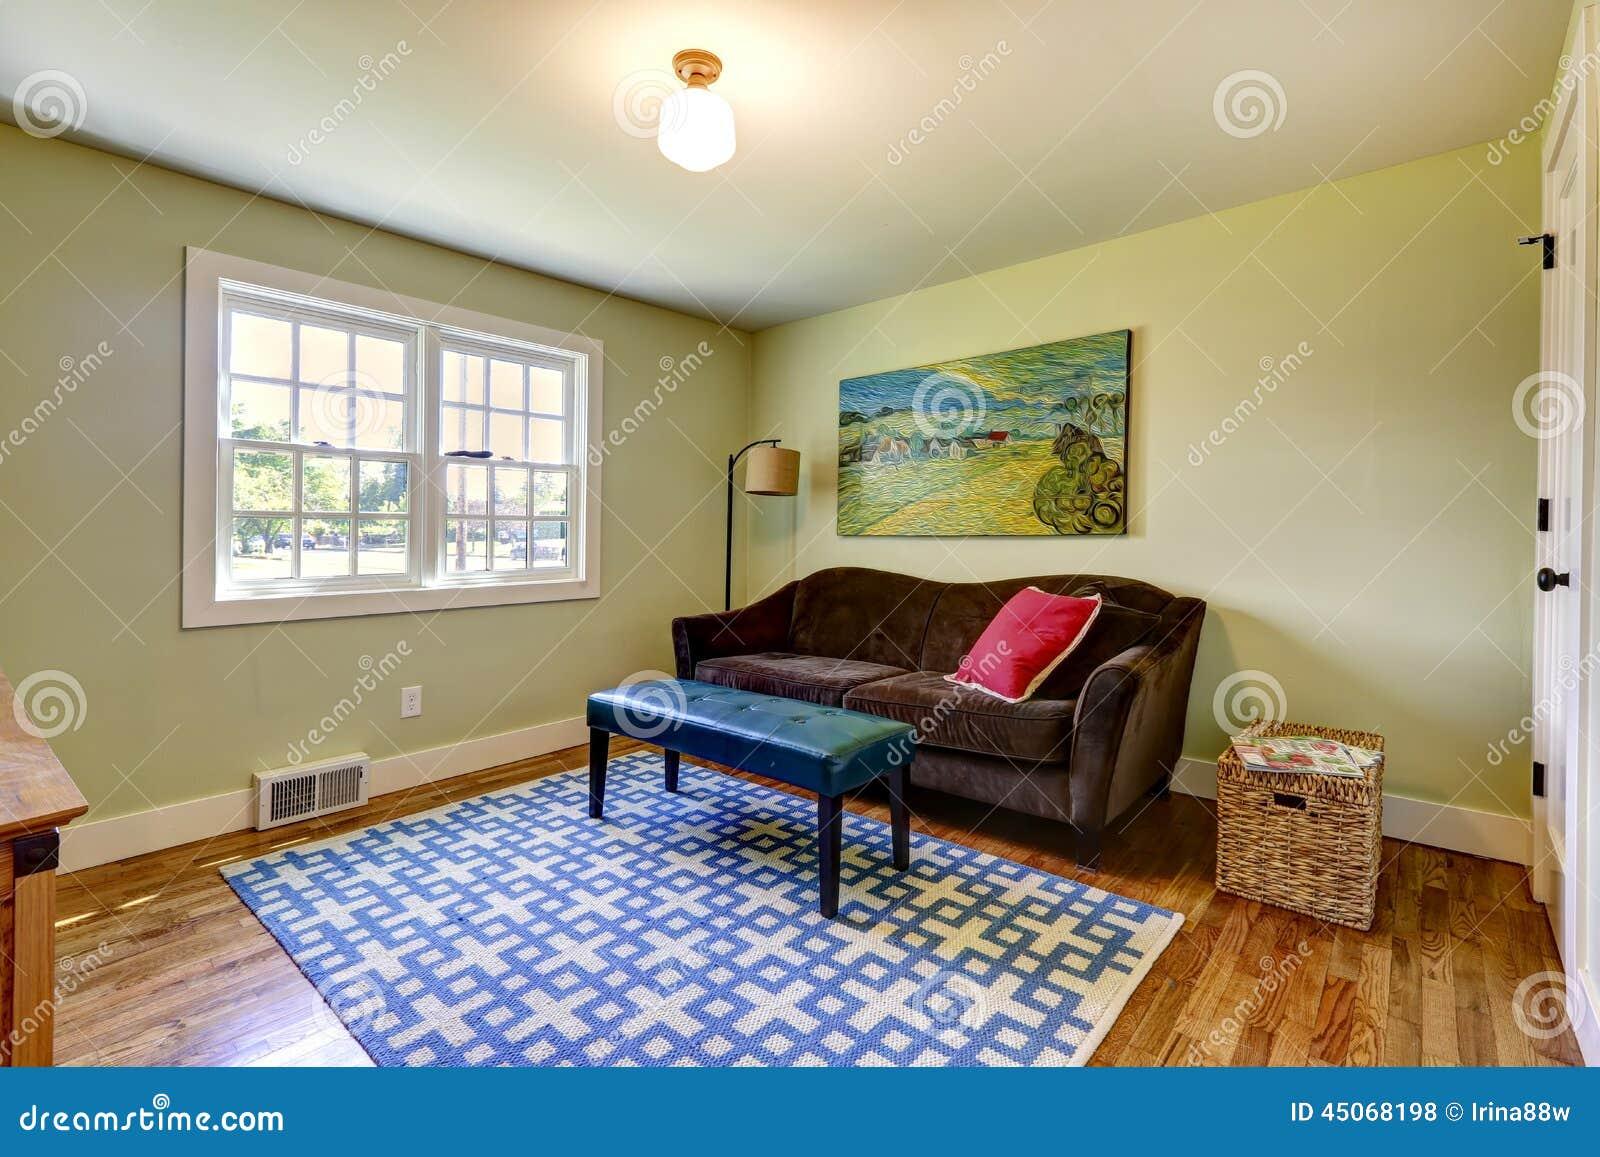 Einfaches Wohnzimmer Mit Braunem Sofa Stockfoto - Bild von ...